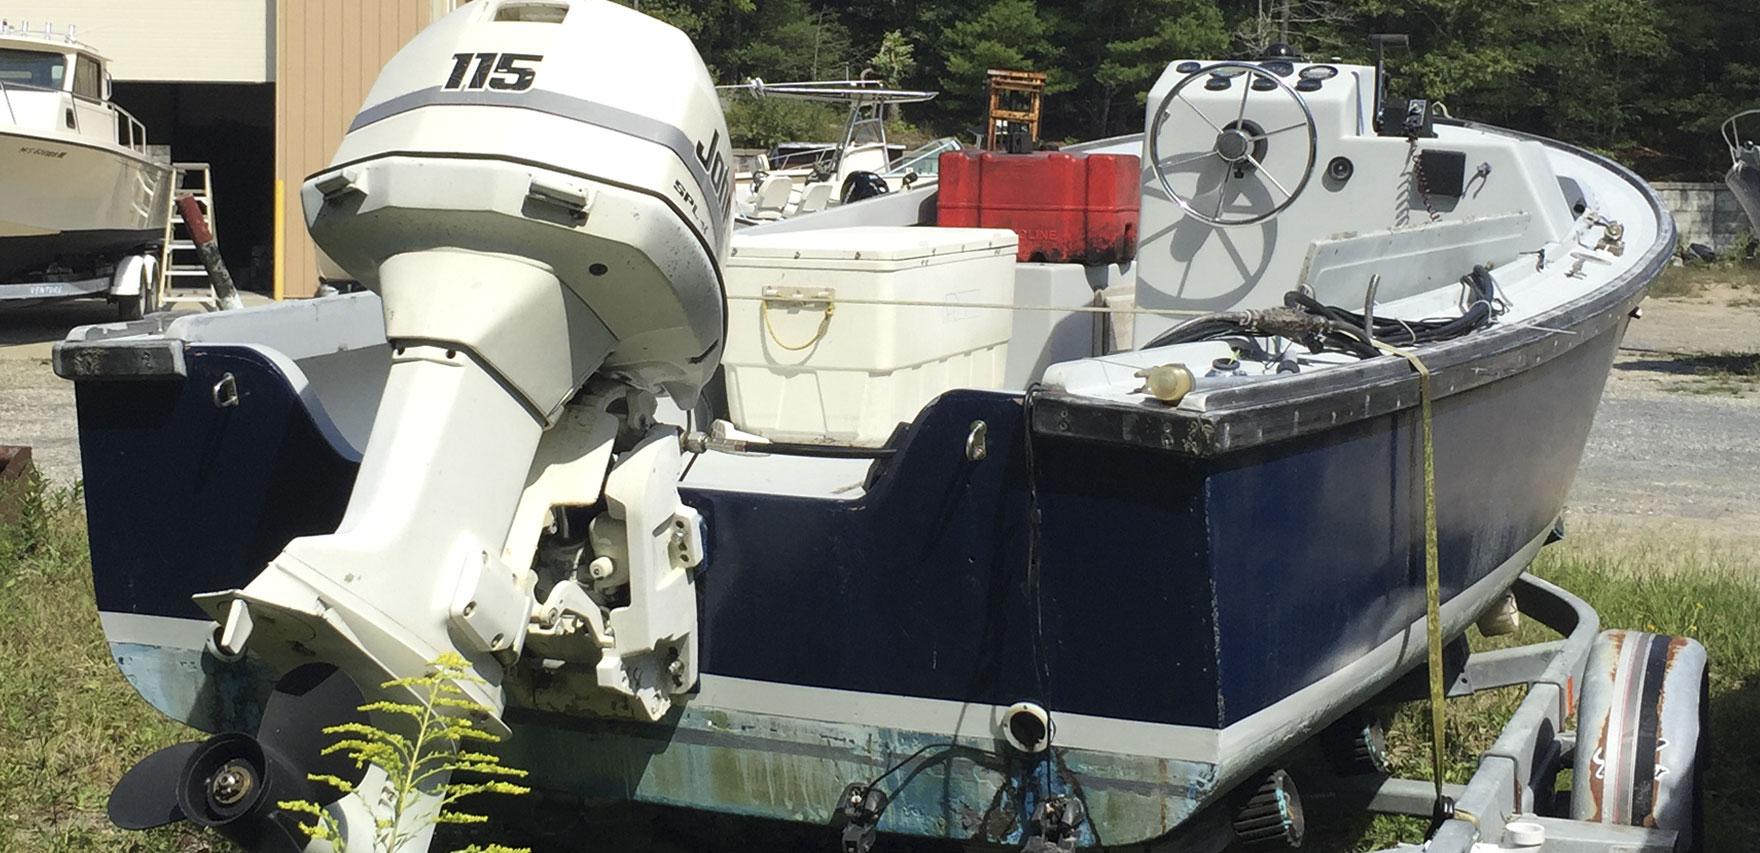 Ellis Boat For Sale: Ellis 20 Open Fisherman